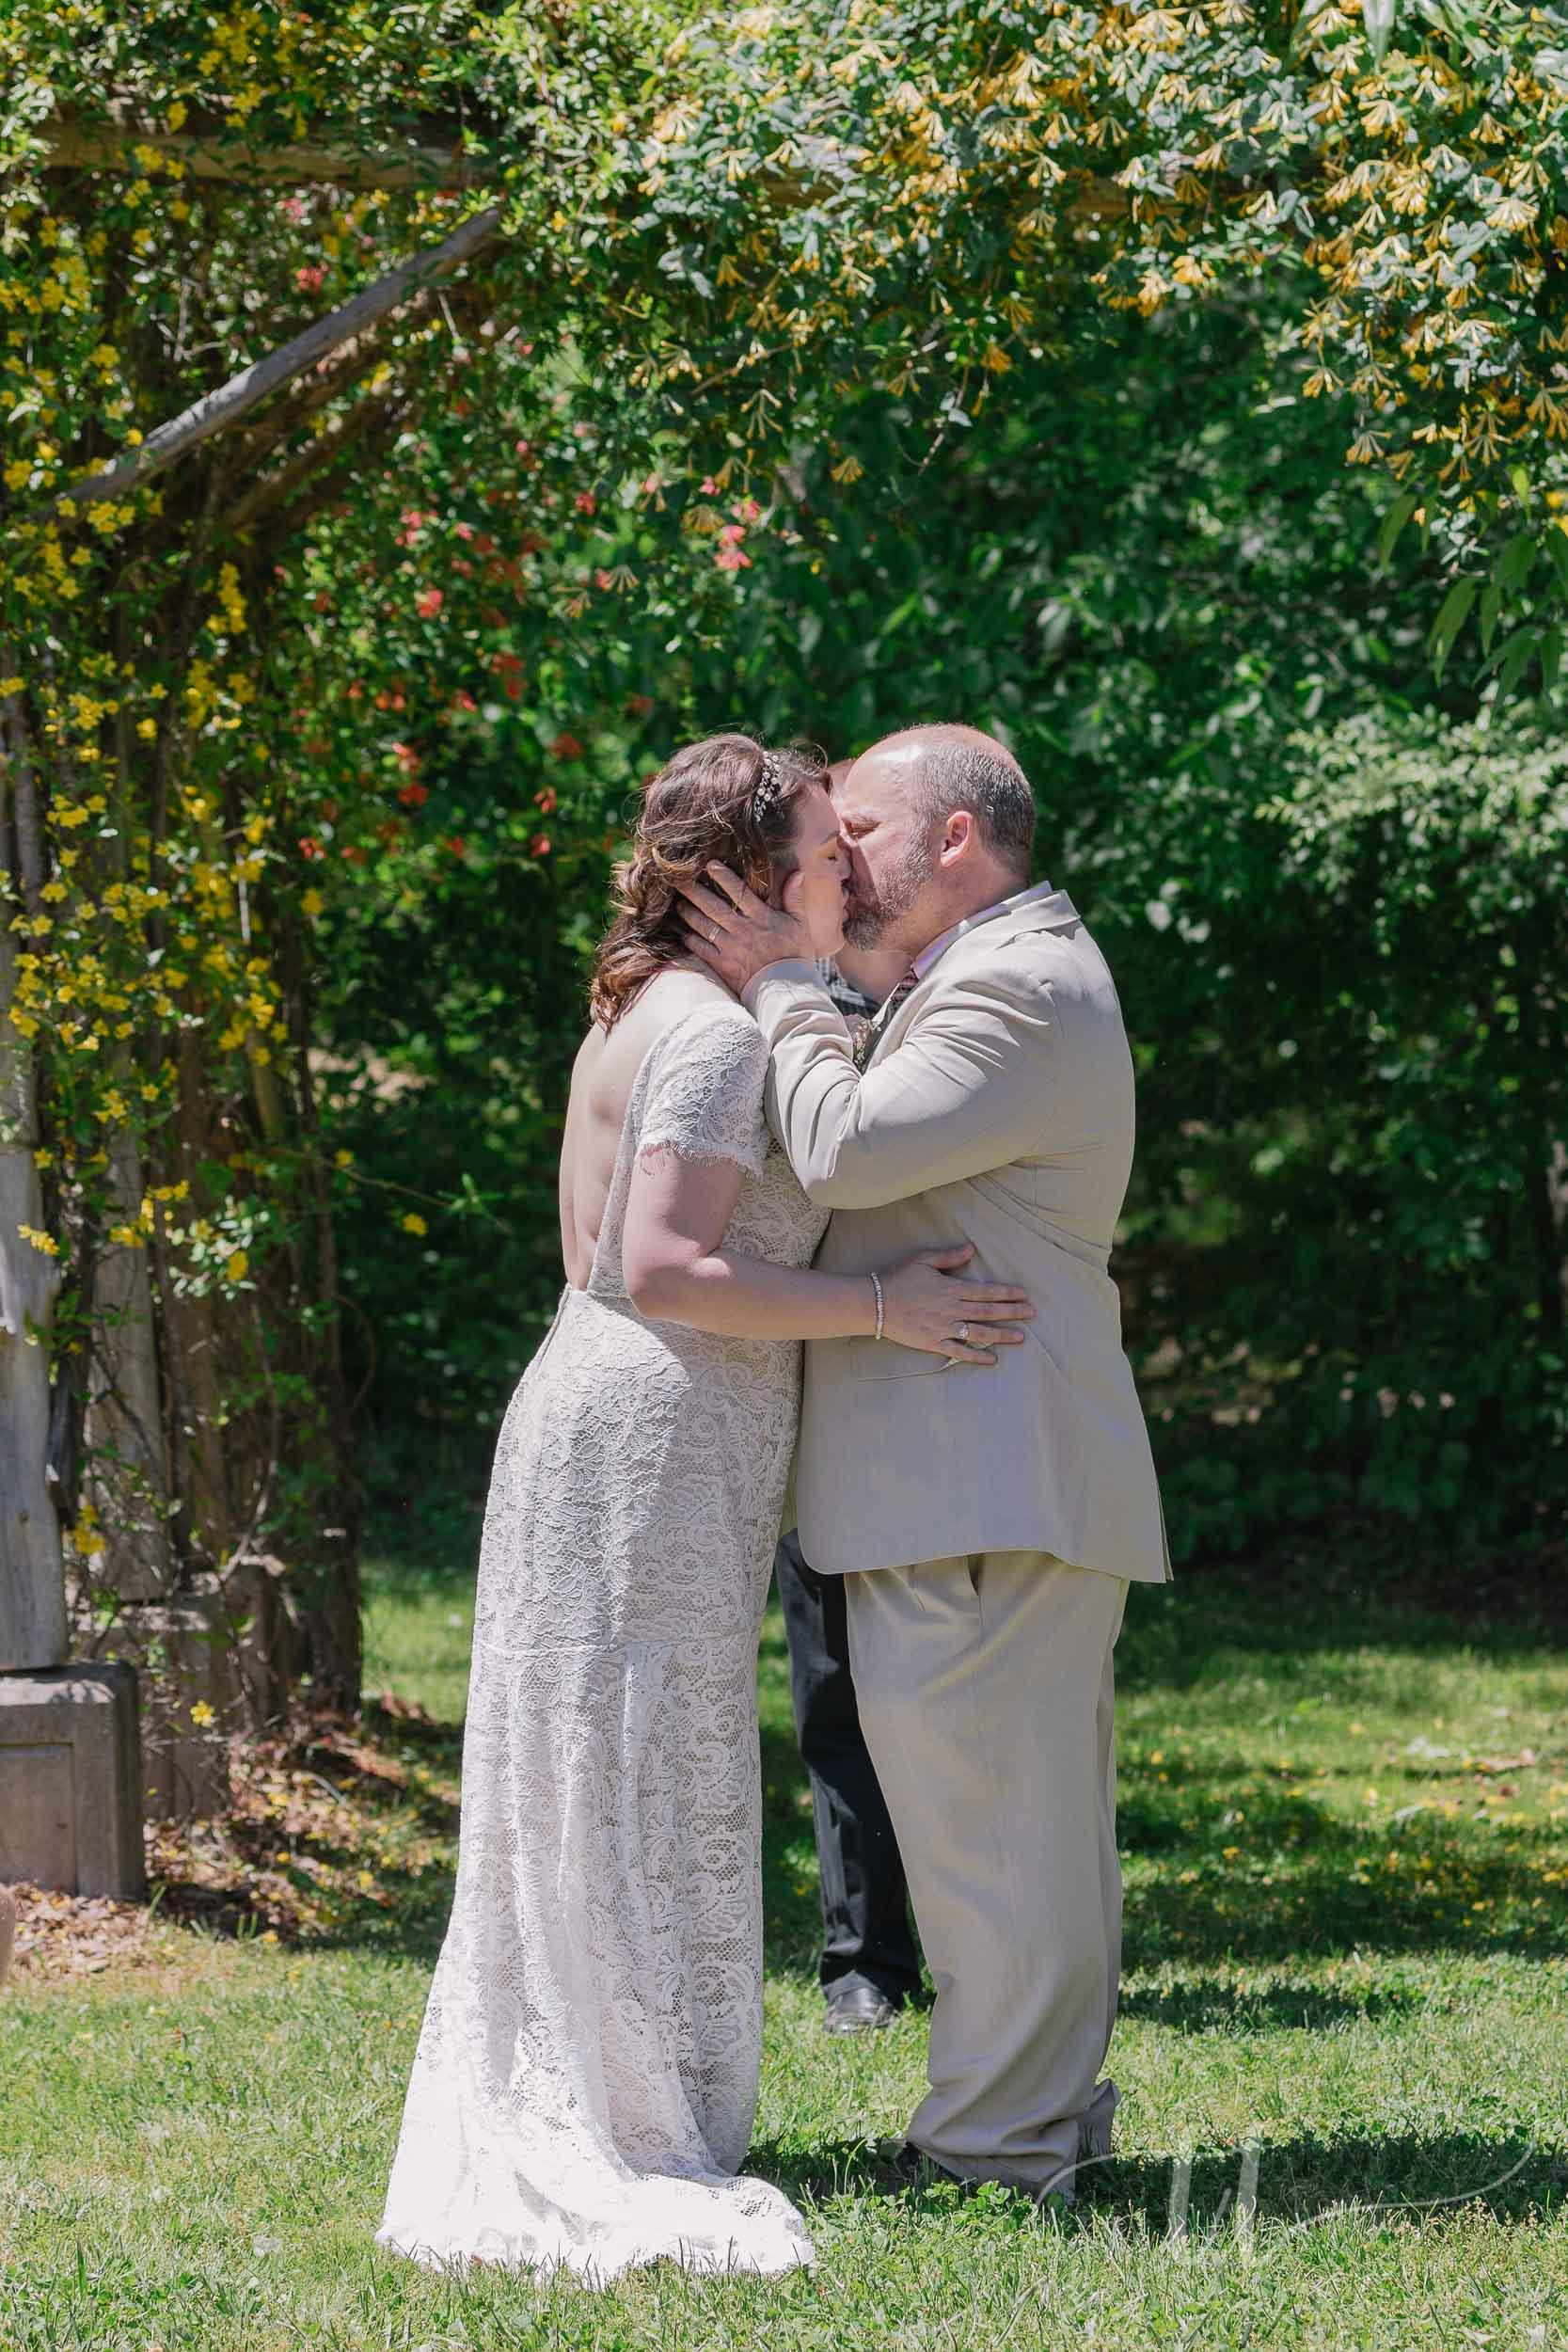 pleasant-garden-wedding-10.jpg